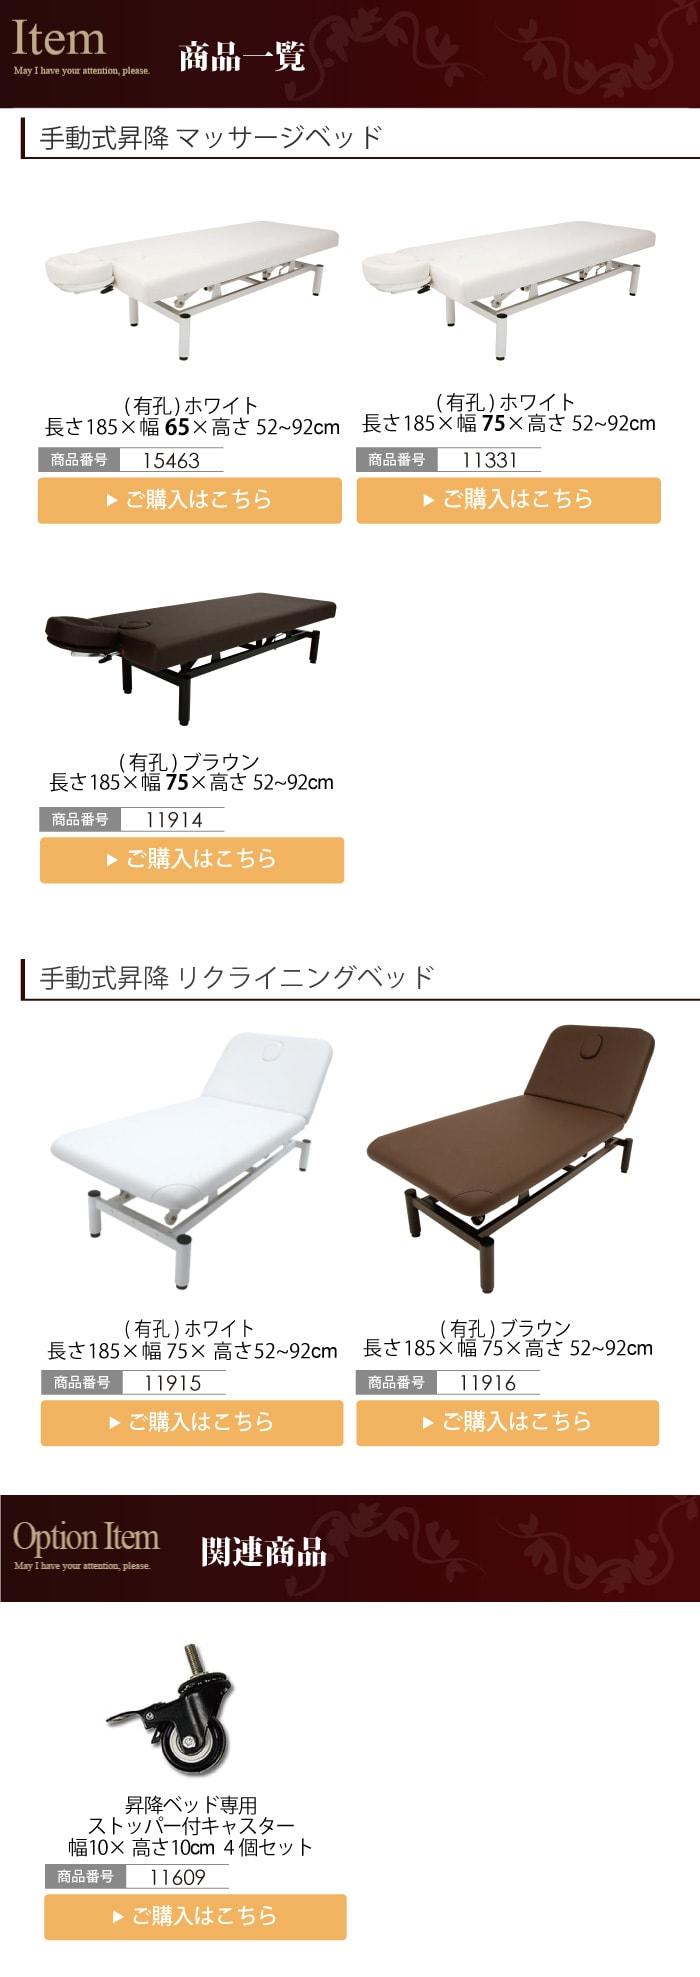 手動式昇降ベッド 商品一覧